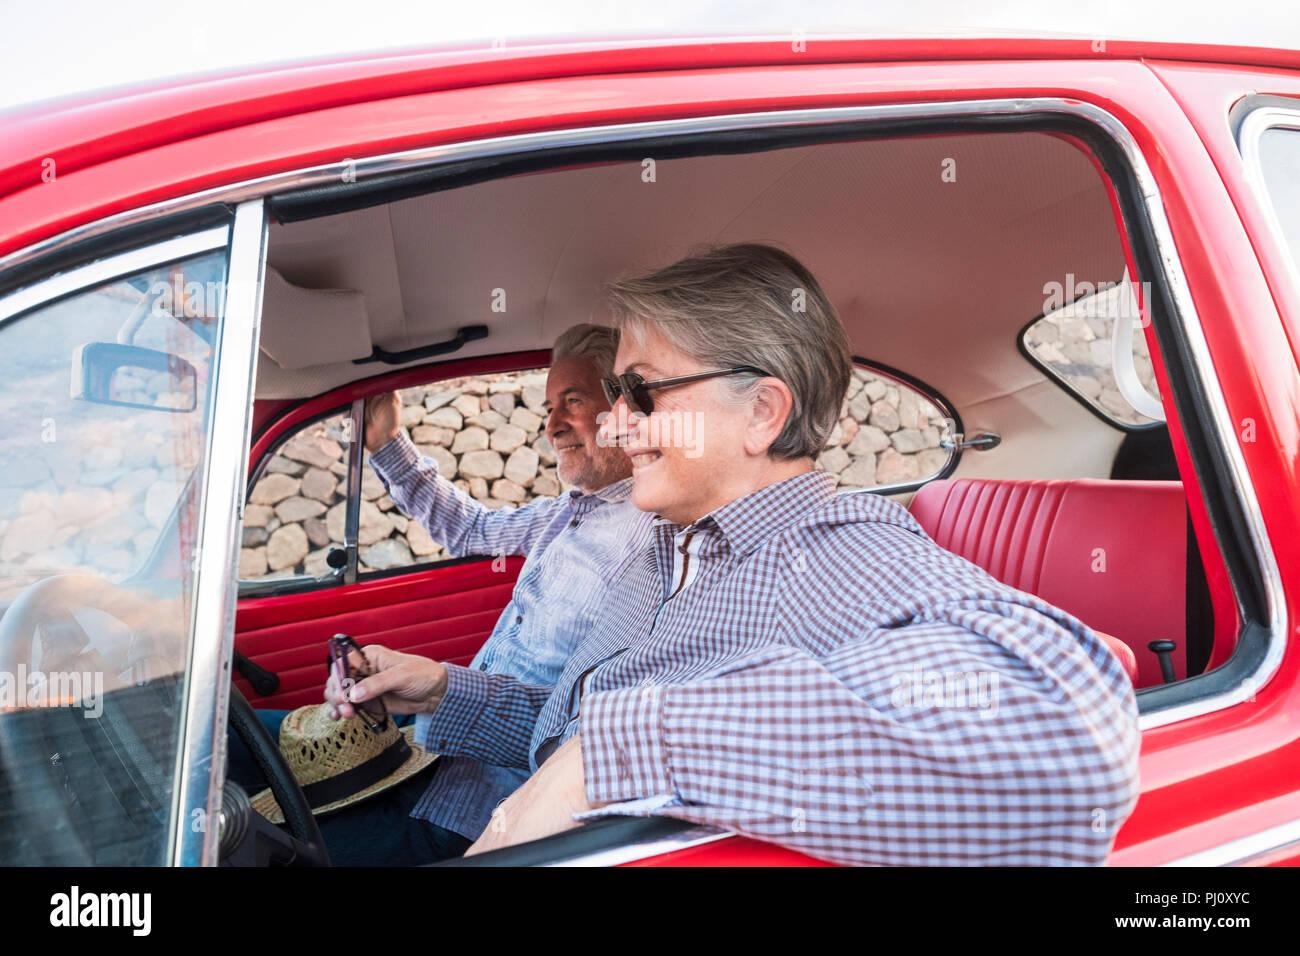 Schön nach Paar Umarmung und Liebe in einem roten alten Vintage Auto auf der Straße geparkt werden. lächeln und Spaß haben, die zusammen reisen. Glück und Lebensstil für ni Stockbild